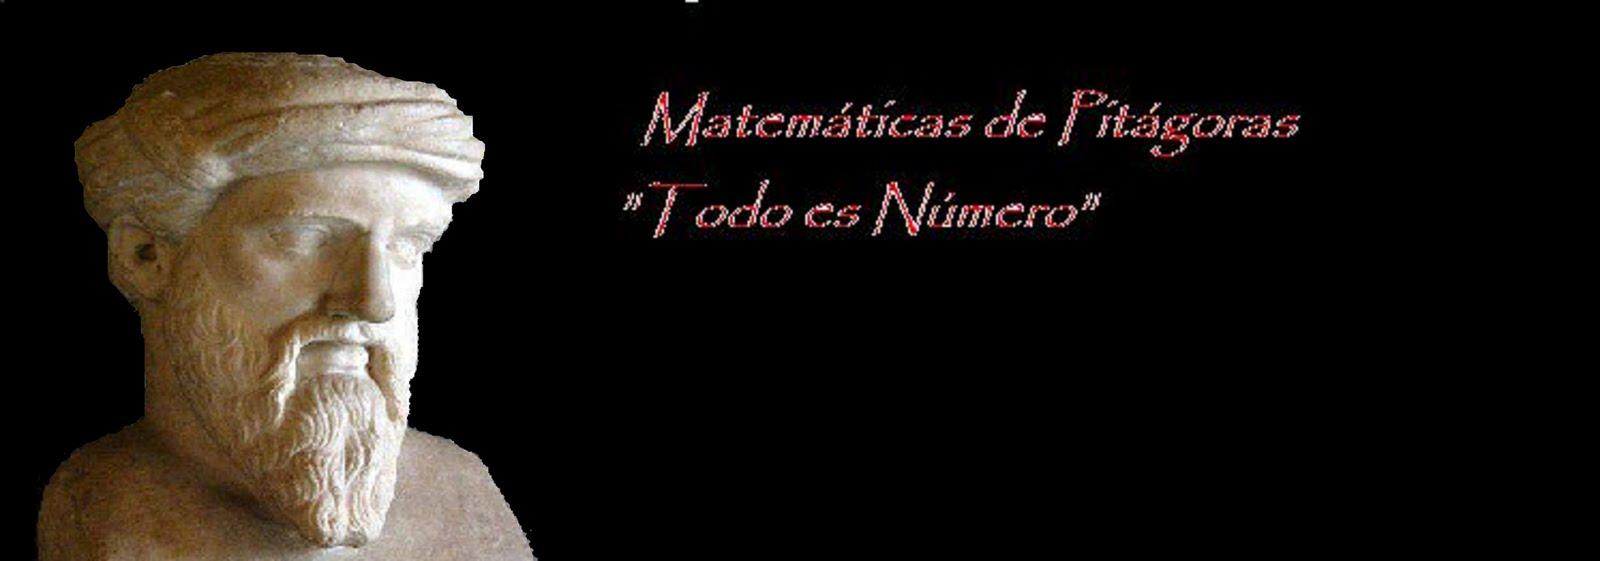 Matemáticas de Pitágoras...